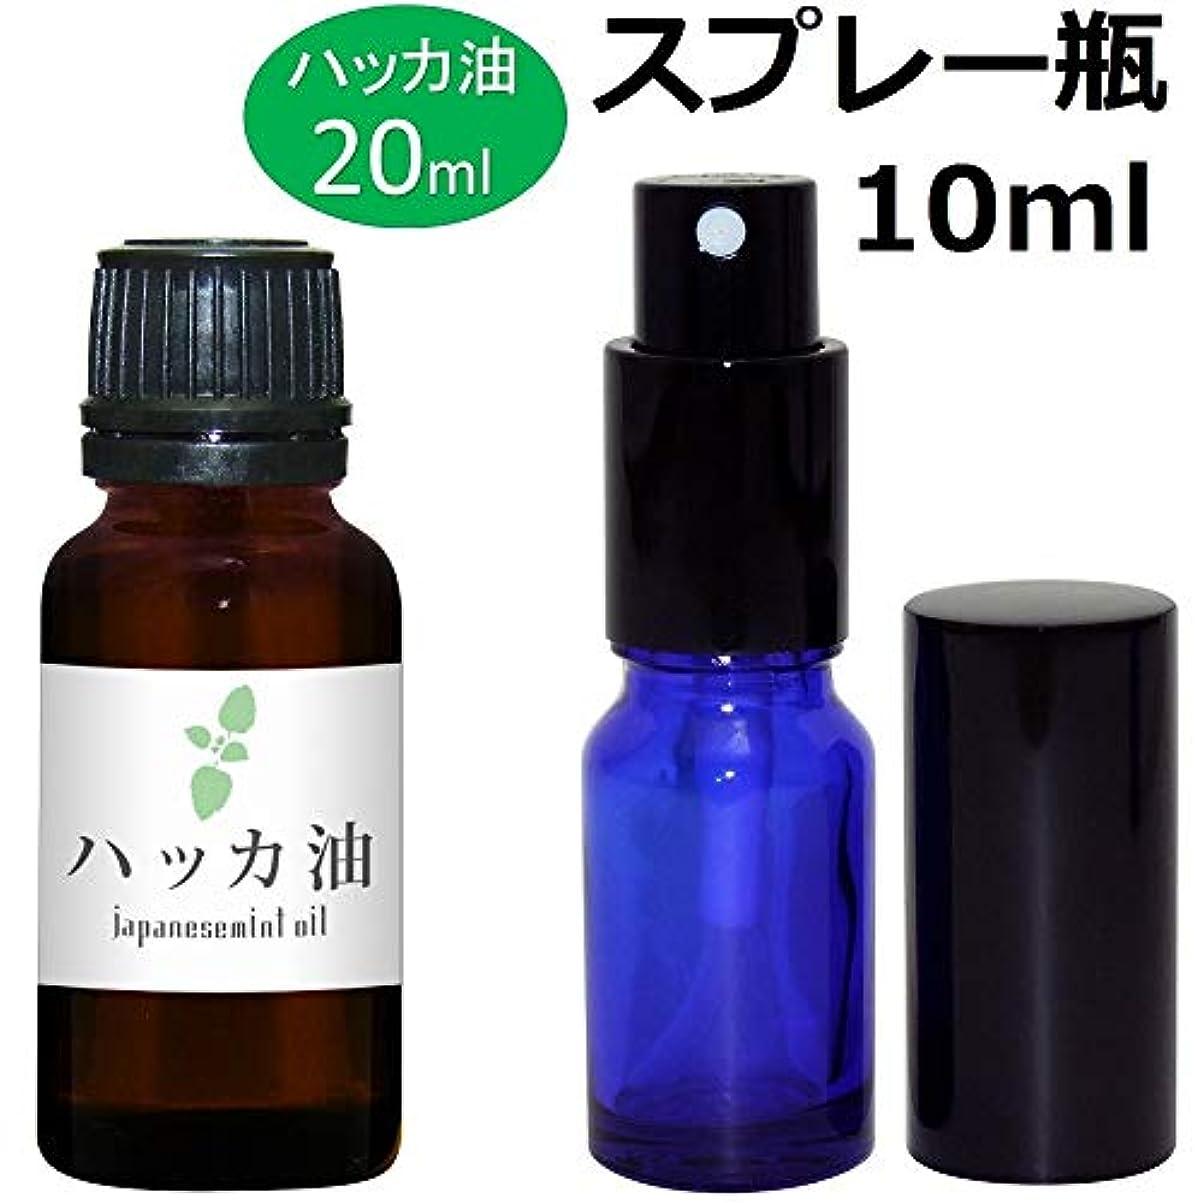 鈍い中級月曜ガレージ?ゼロ ハッカ油 20ml(GZAK12)+ガラス瓶 スプレーボトル10ml/和種薄荷/ジャパニーズミント GSE533